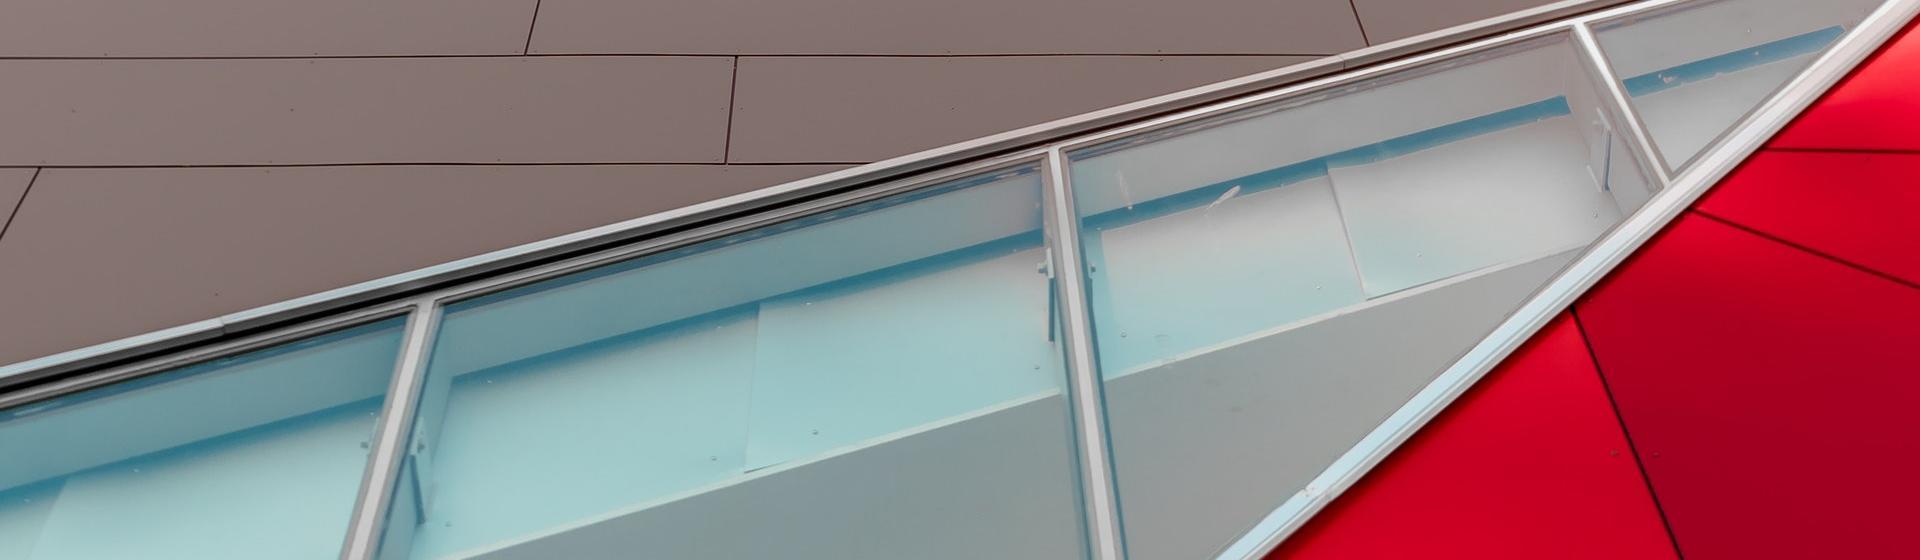 ...ugyanakkor dekoratív elem úgy a belső építészetben, mint a külső homlokzatoknál.